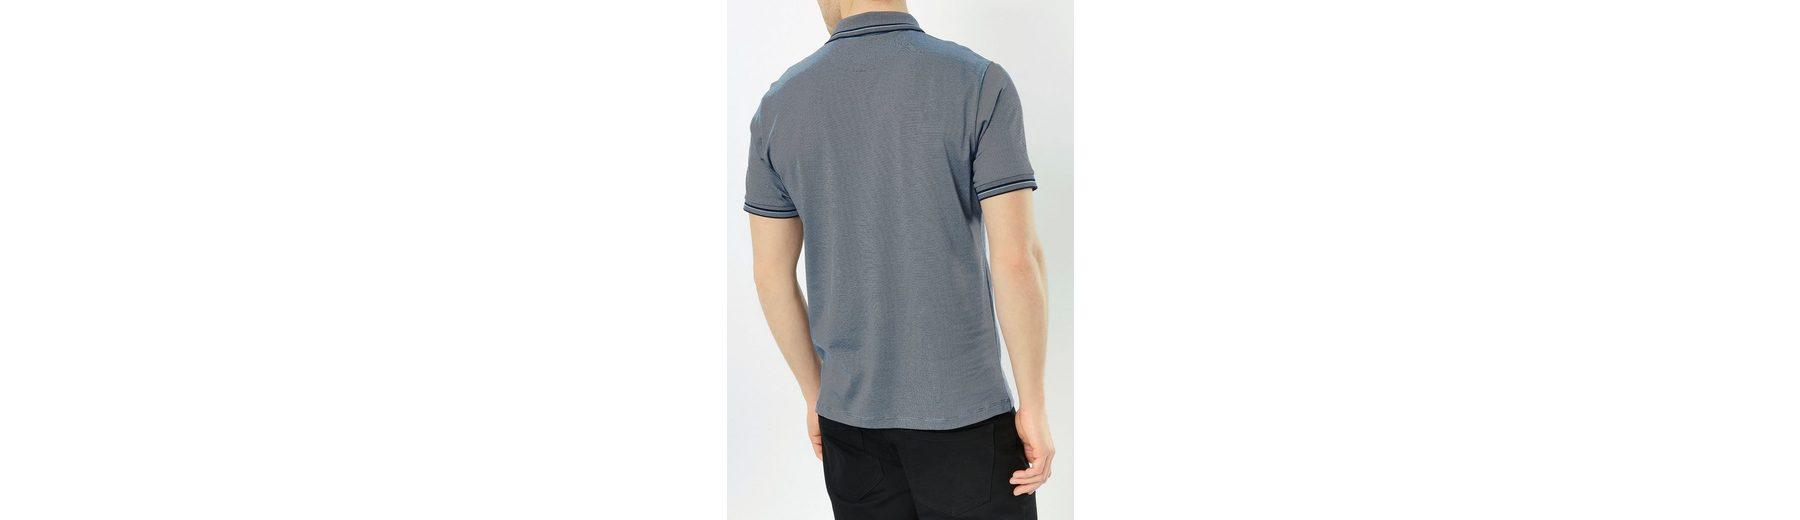 Next Hochwertiges, mercerisiertes Poloshirt